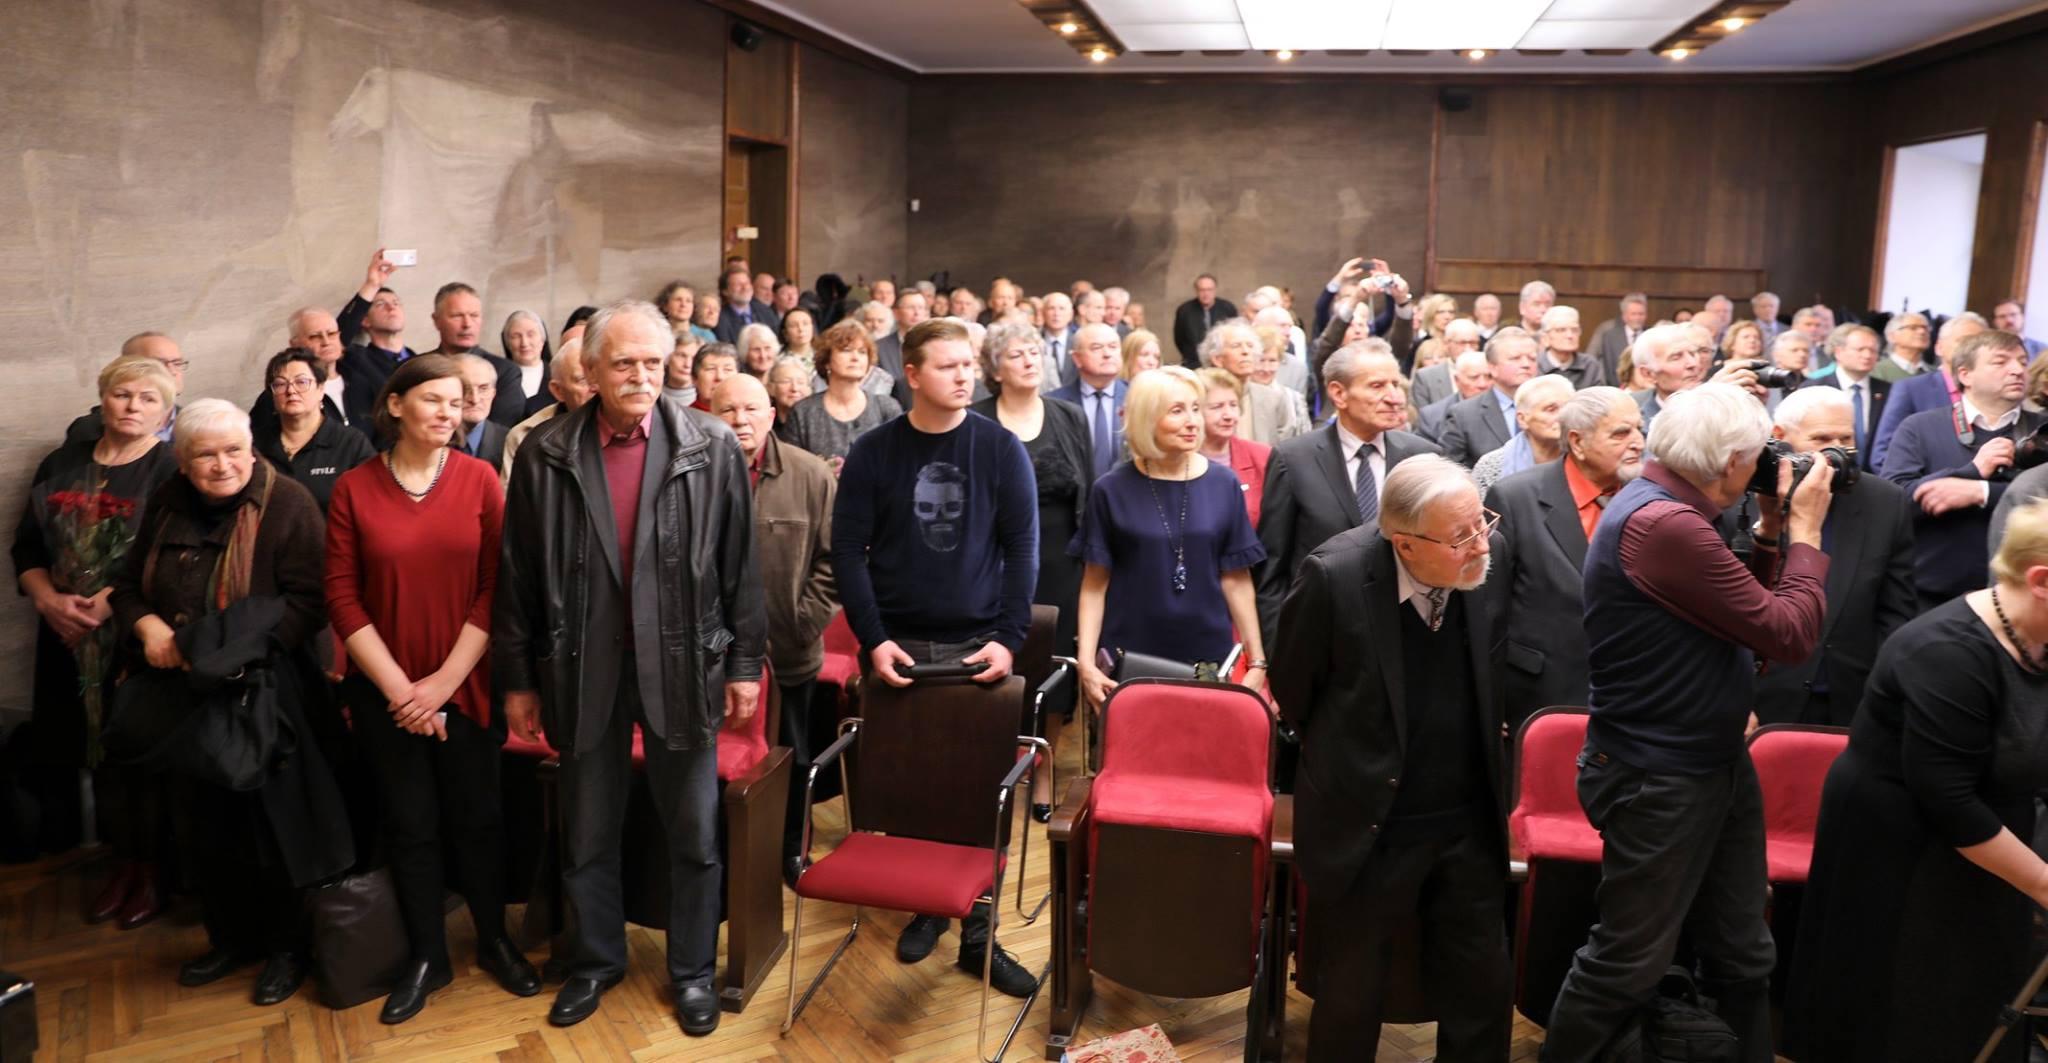 Gerbėjai, Gobelenų salė (V. Krėvės auditorija), pagarba jubiliatui Albinui Kentrai | A. Stričkos nuotr.